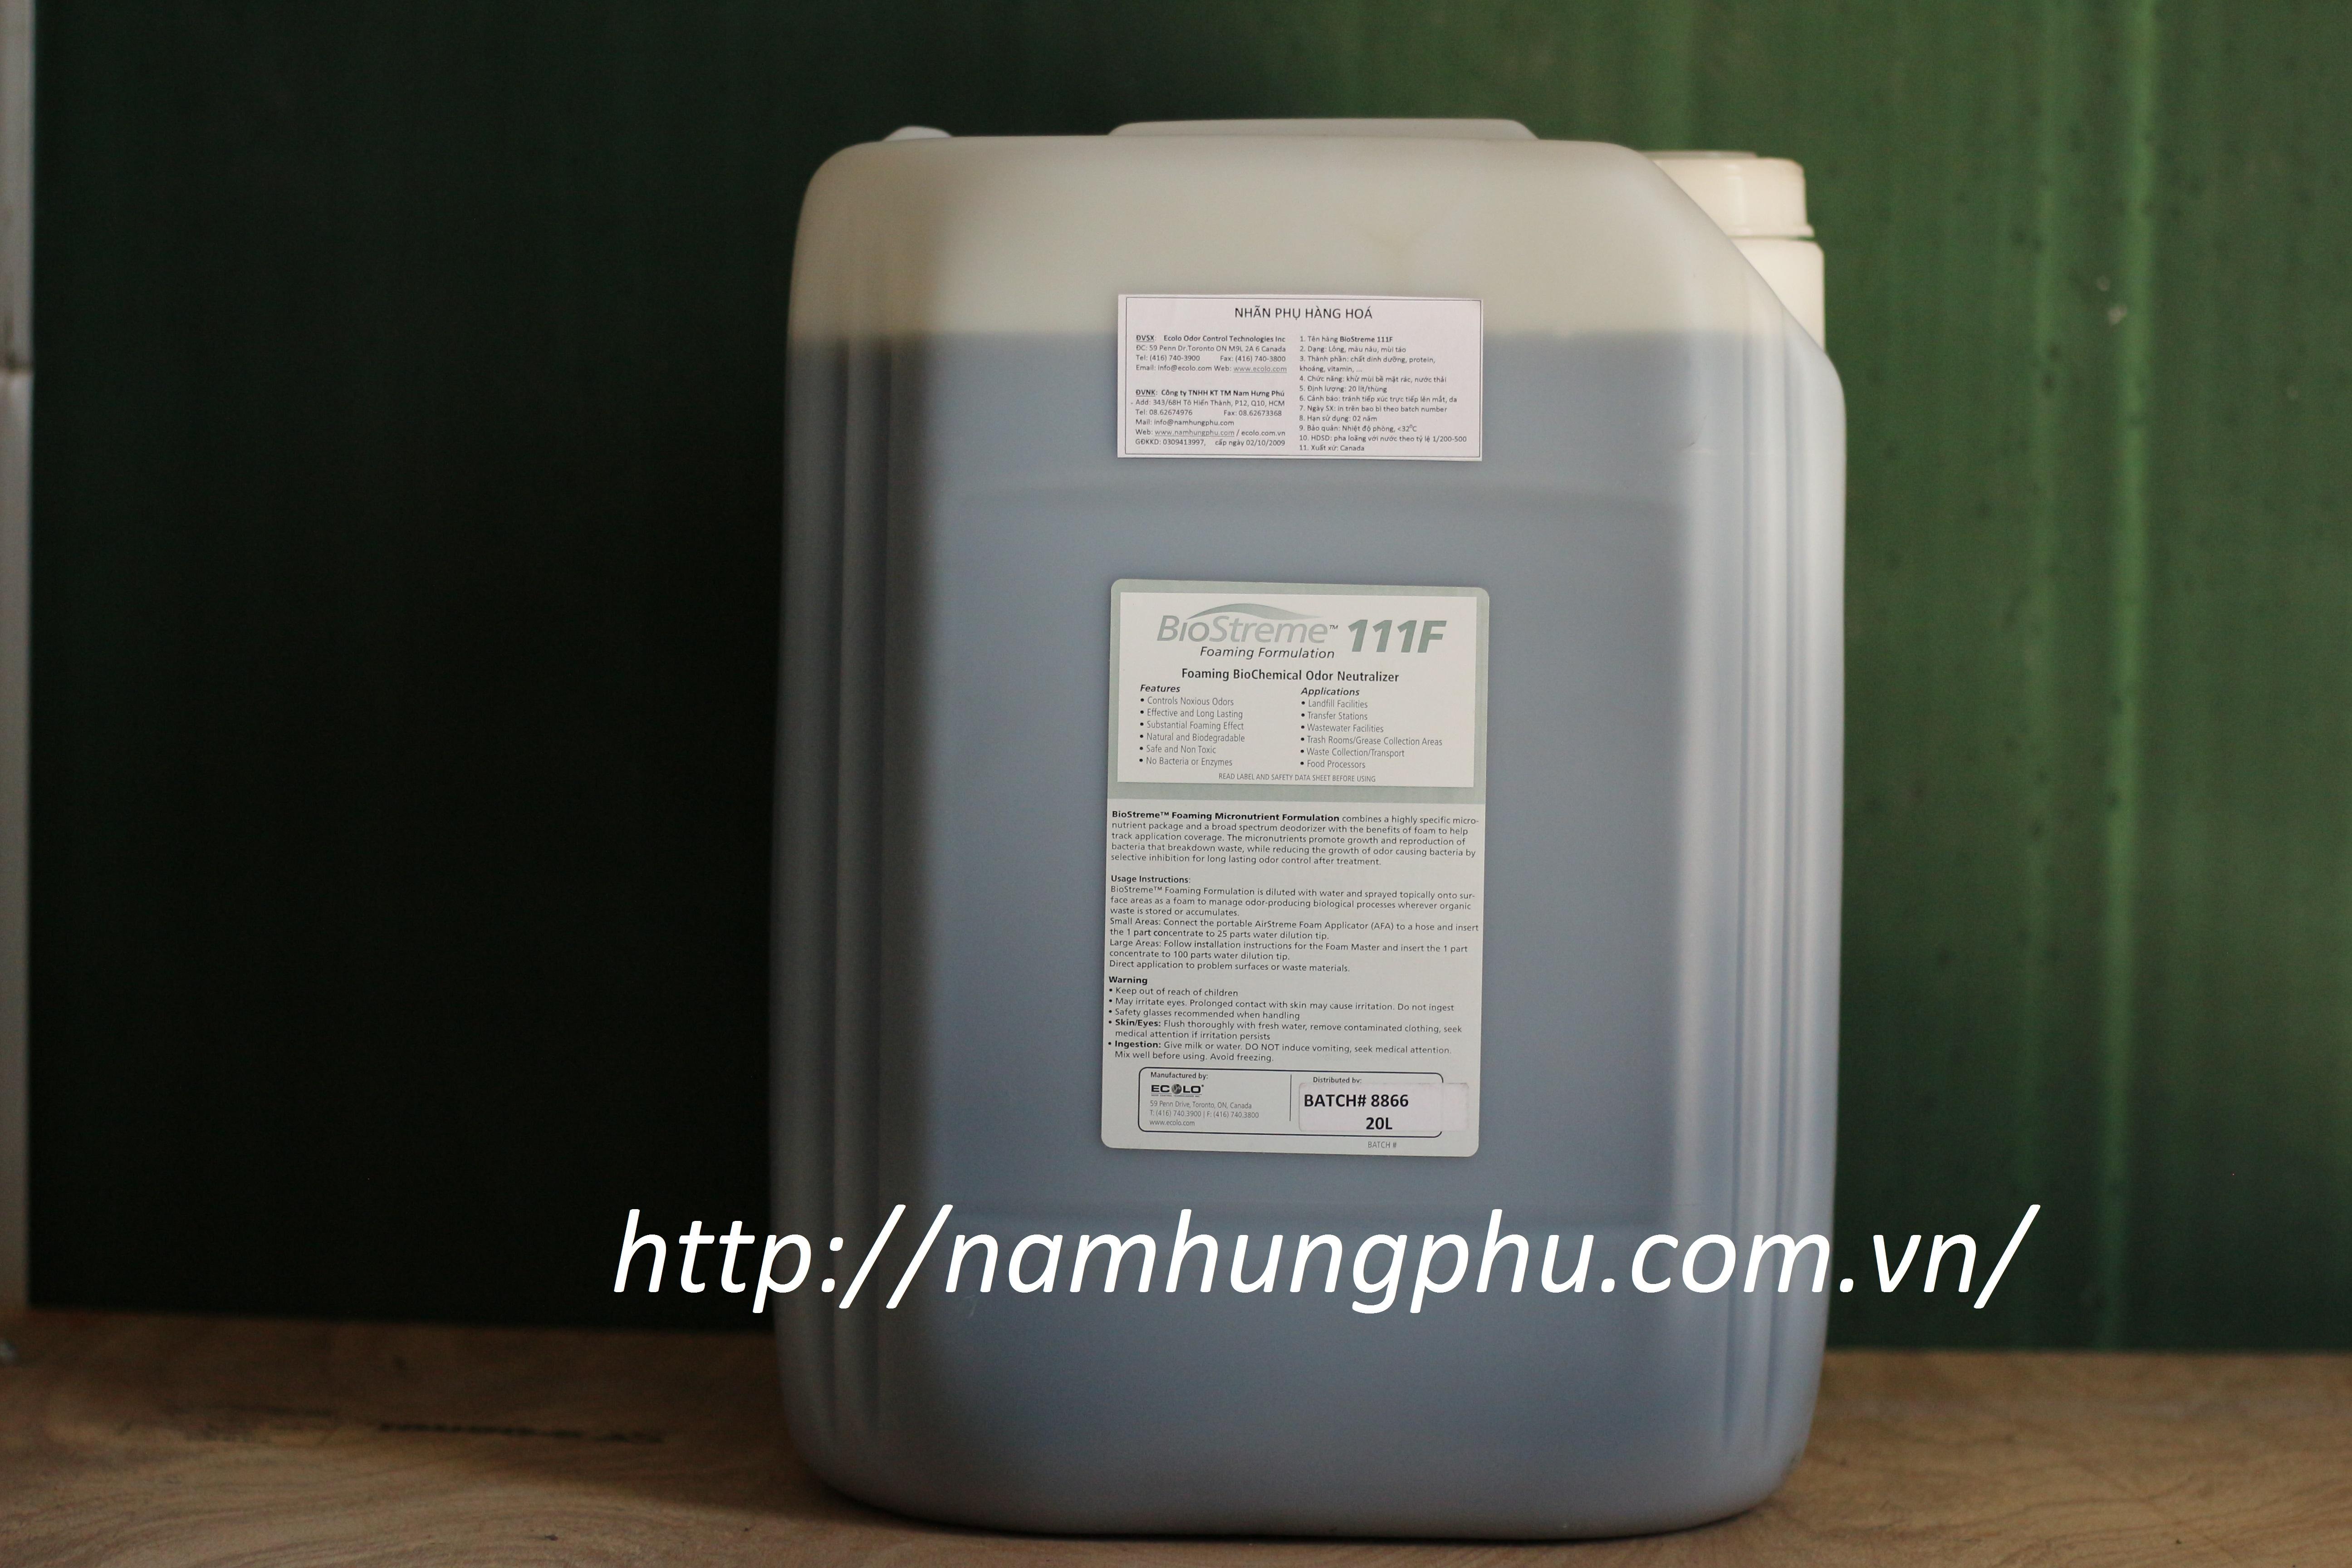 Xử lý mùi hôi nước thải, bùn thải, rác thải Biostreme 111F (ECOLO)